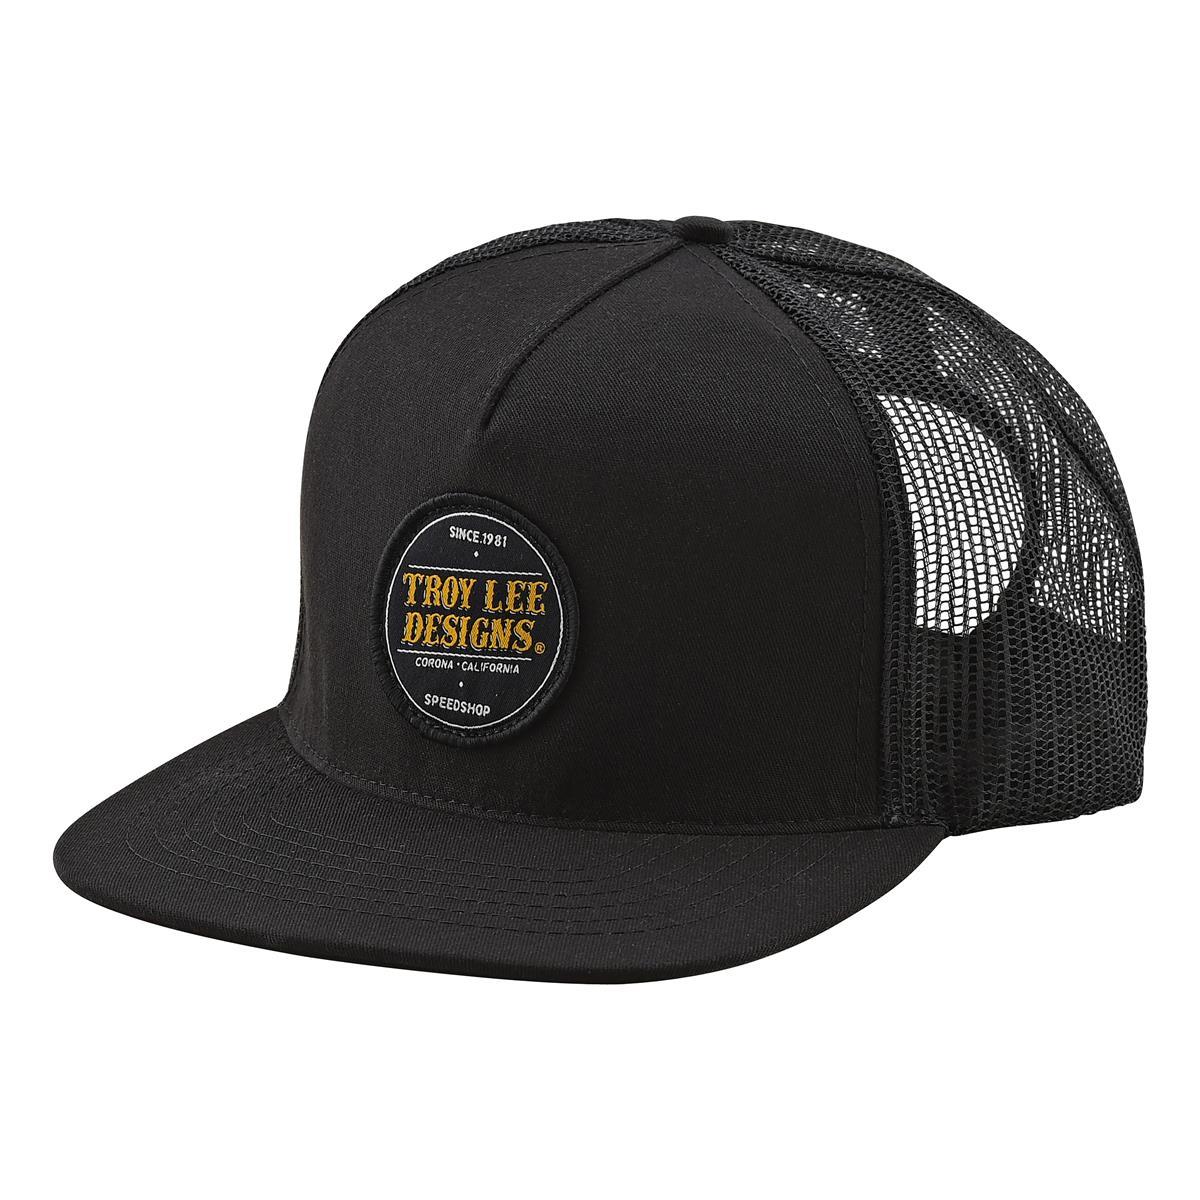 Troy Lee Designs Snapback Cap Beer Head Schwarz